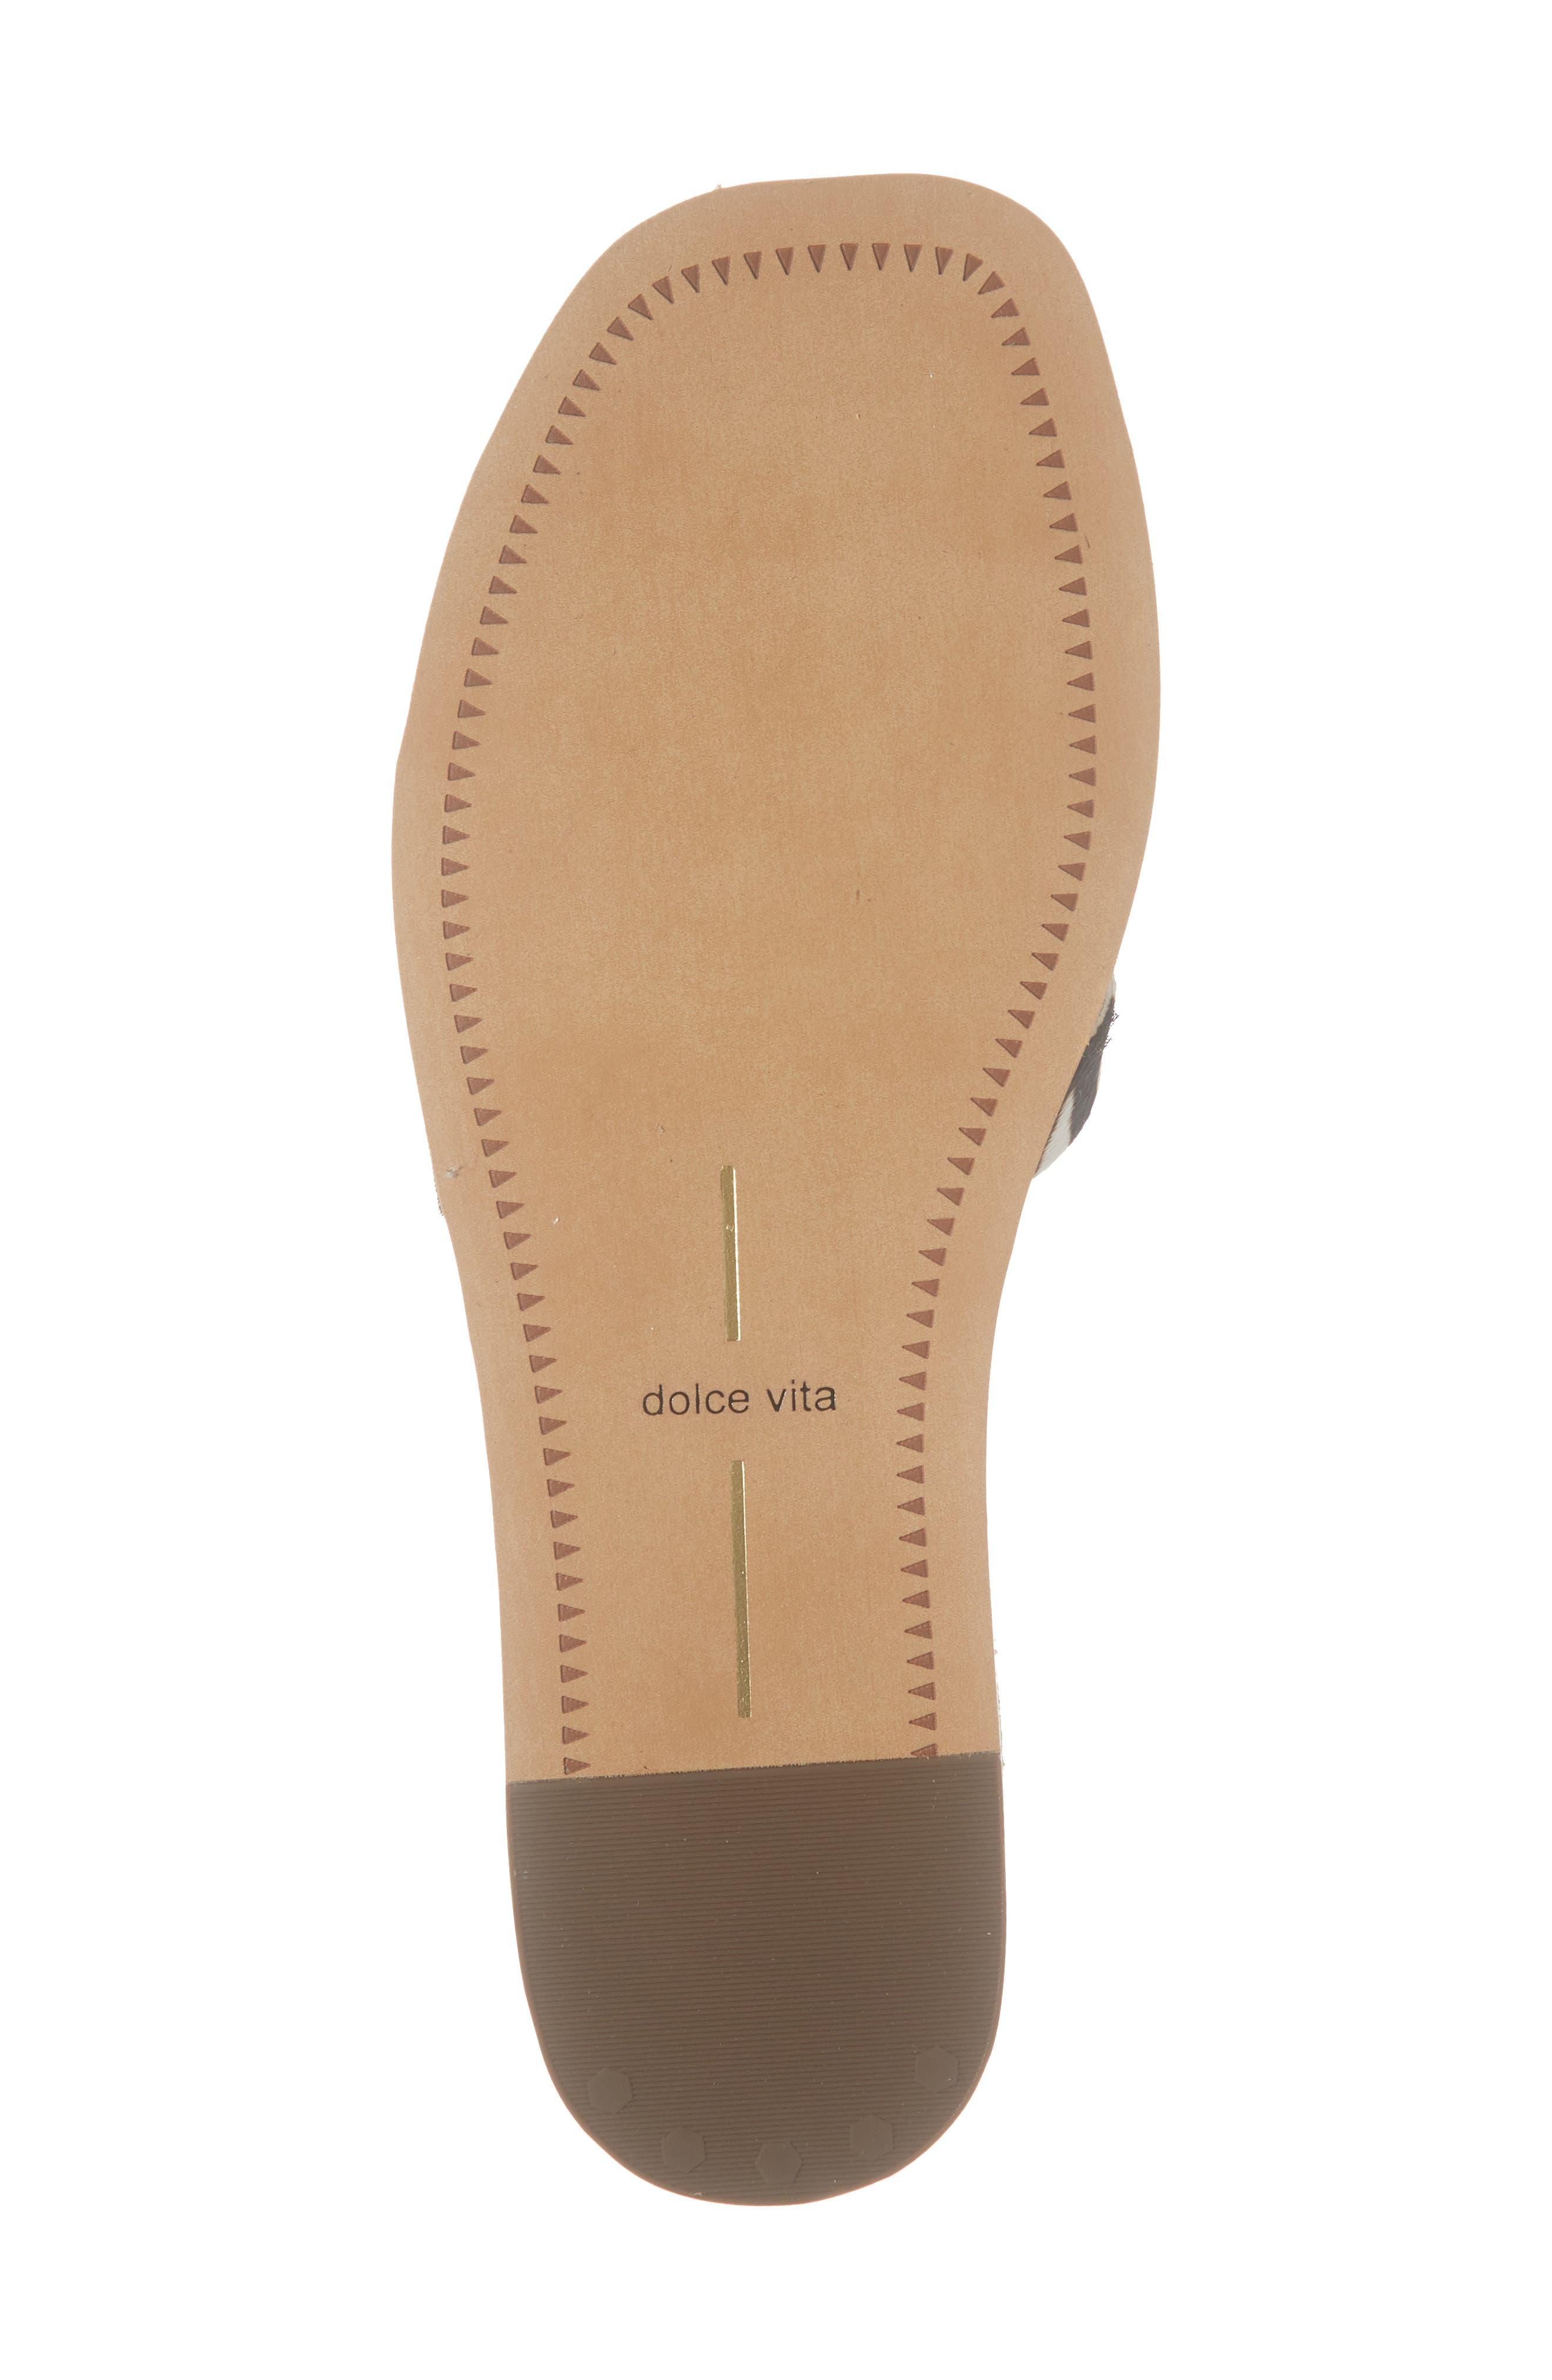 DOLCE VITA, Cait Genuine Calf Hair Slide Sandal, Alternate thumbnail 6, color, ZEBRA PRINT